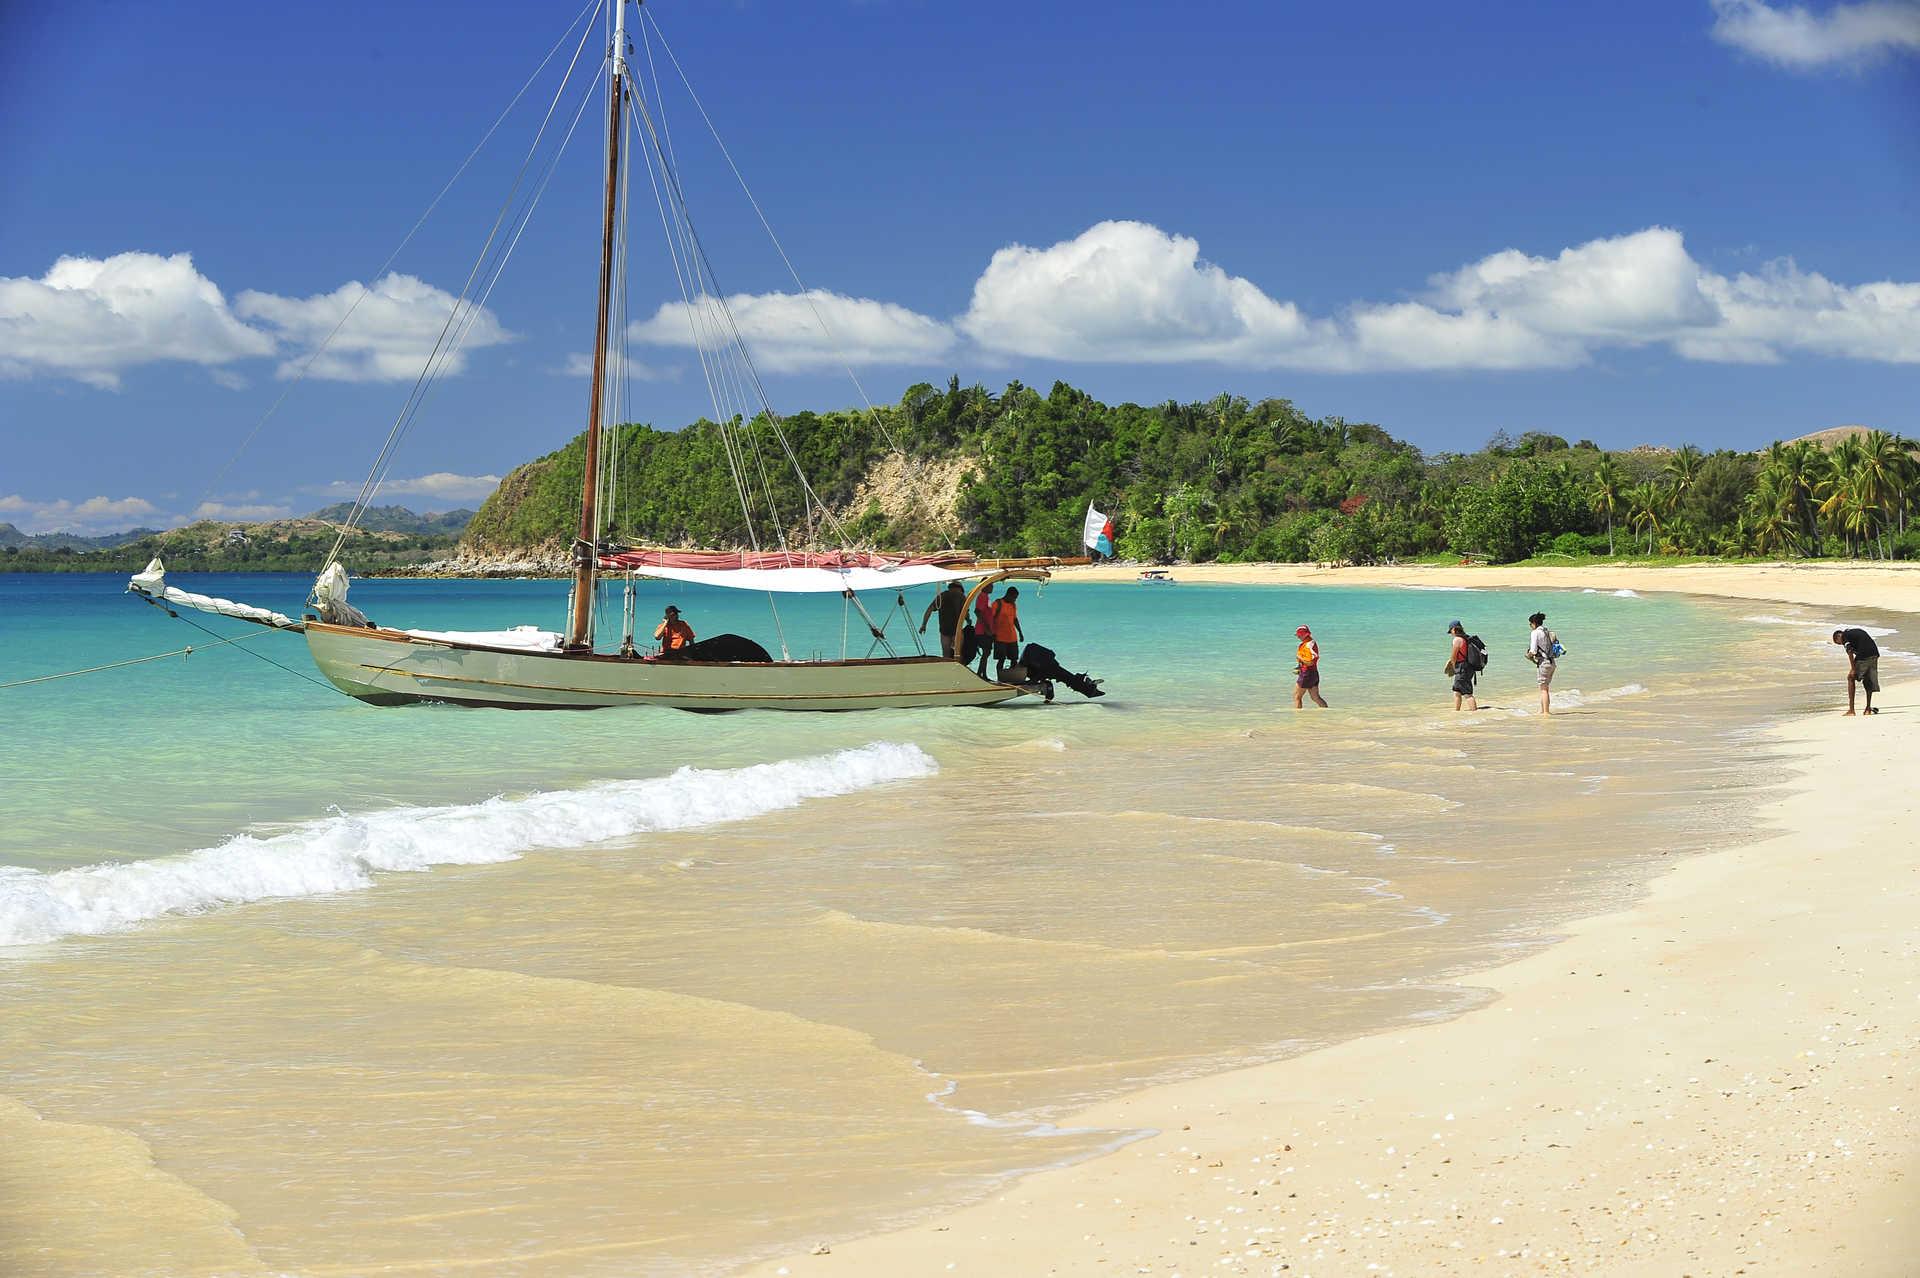 Prêt pour une aventure en cabotage dans le Nord de Madagascar